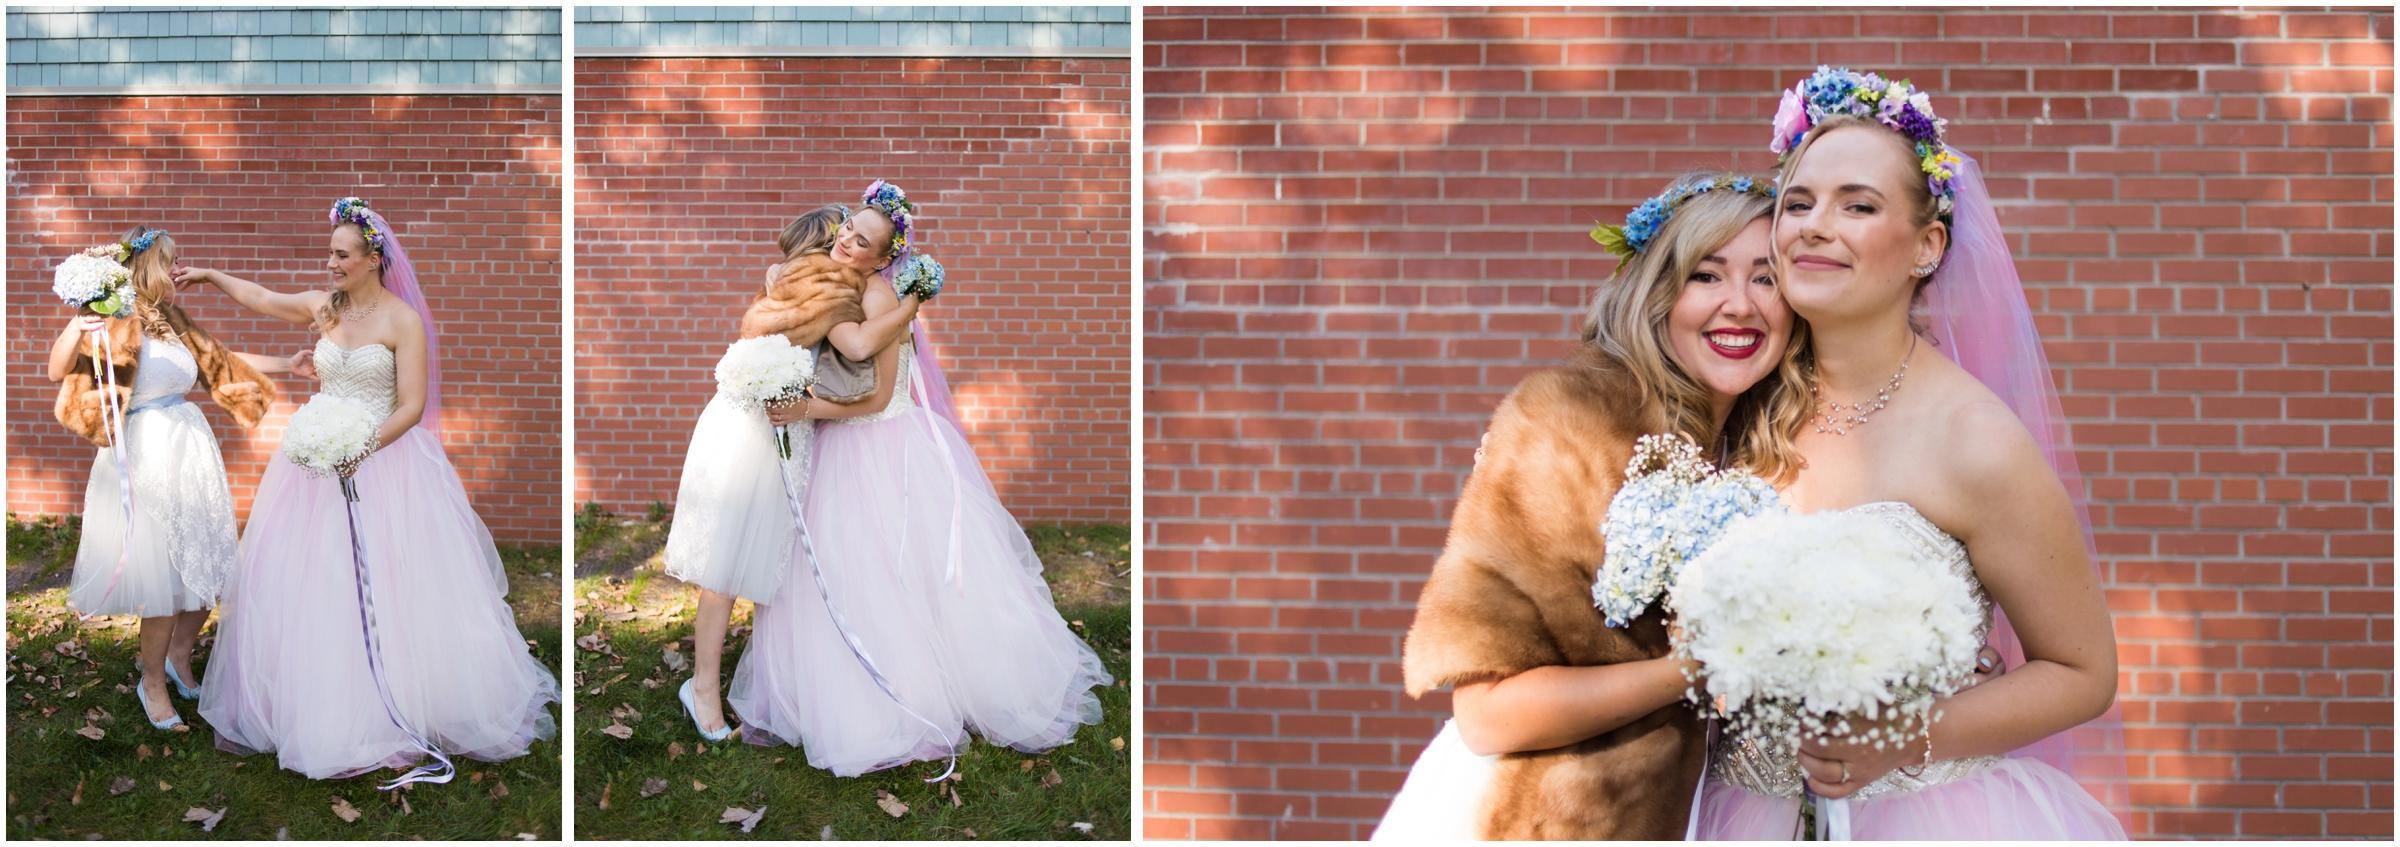 EA Wedding (Selena Phillips-Boyle)_0009.jpg